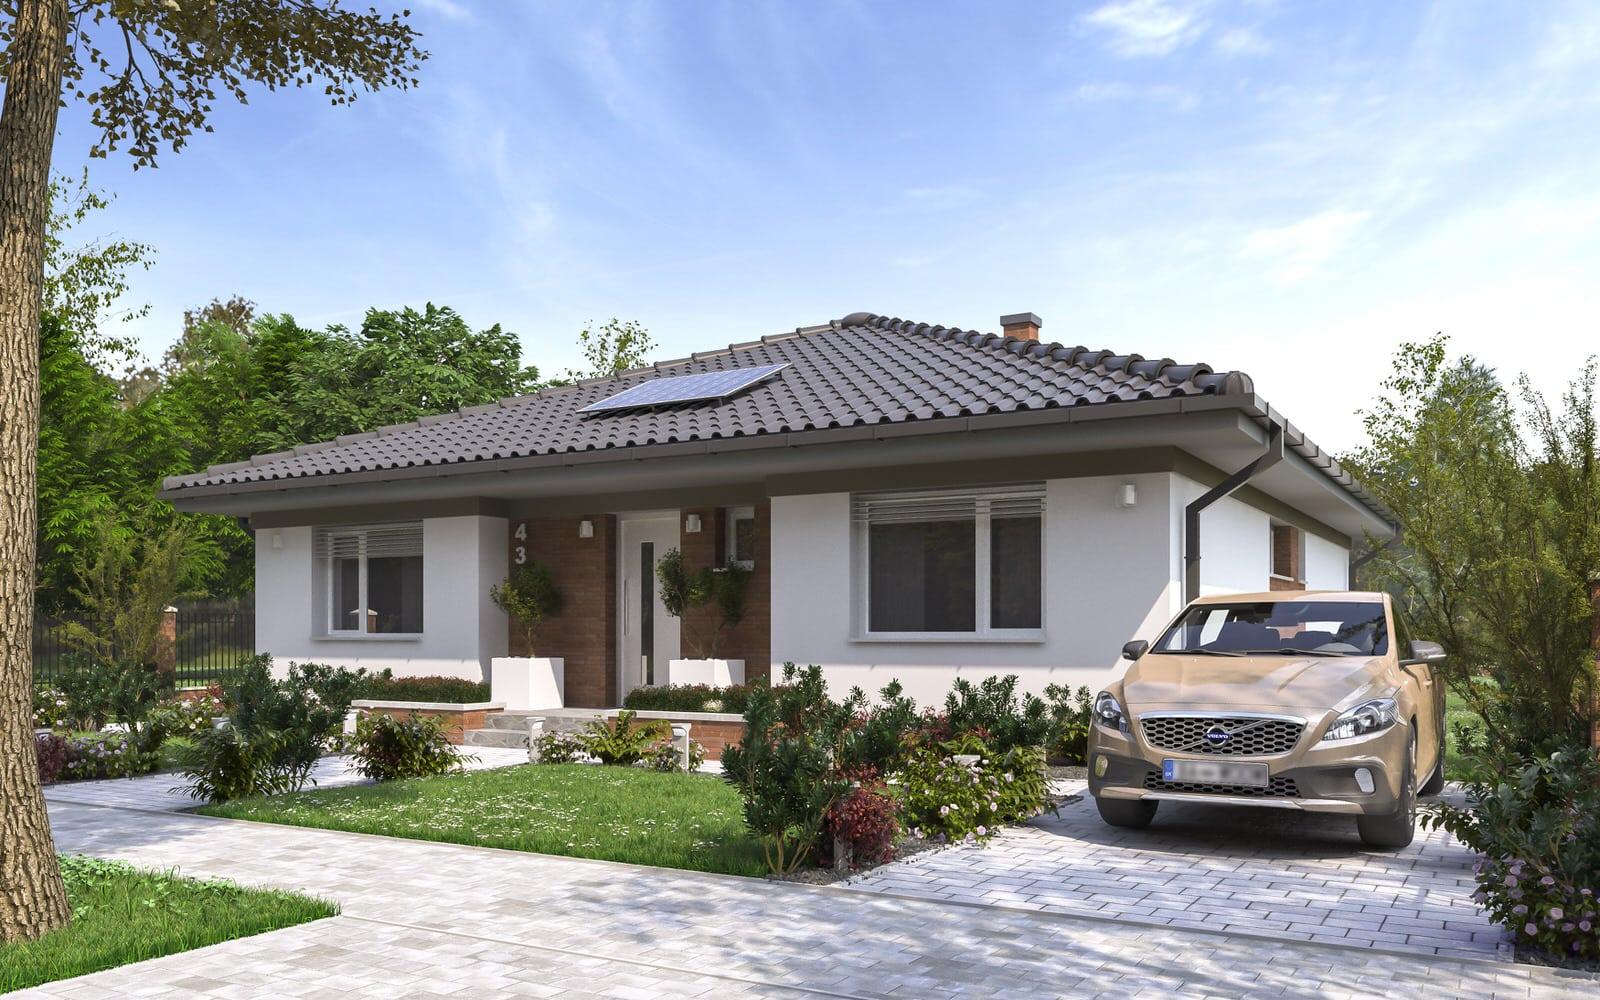 projekt rodinného domu style 220